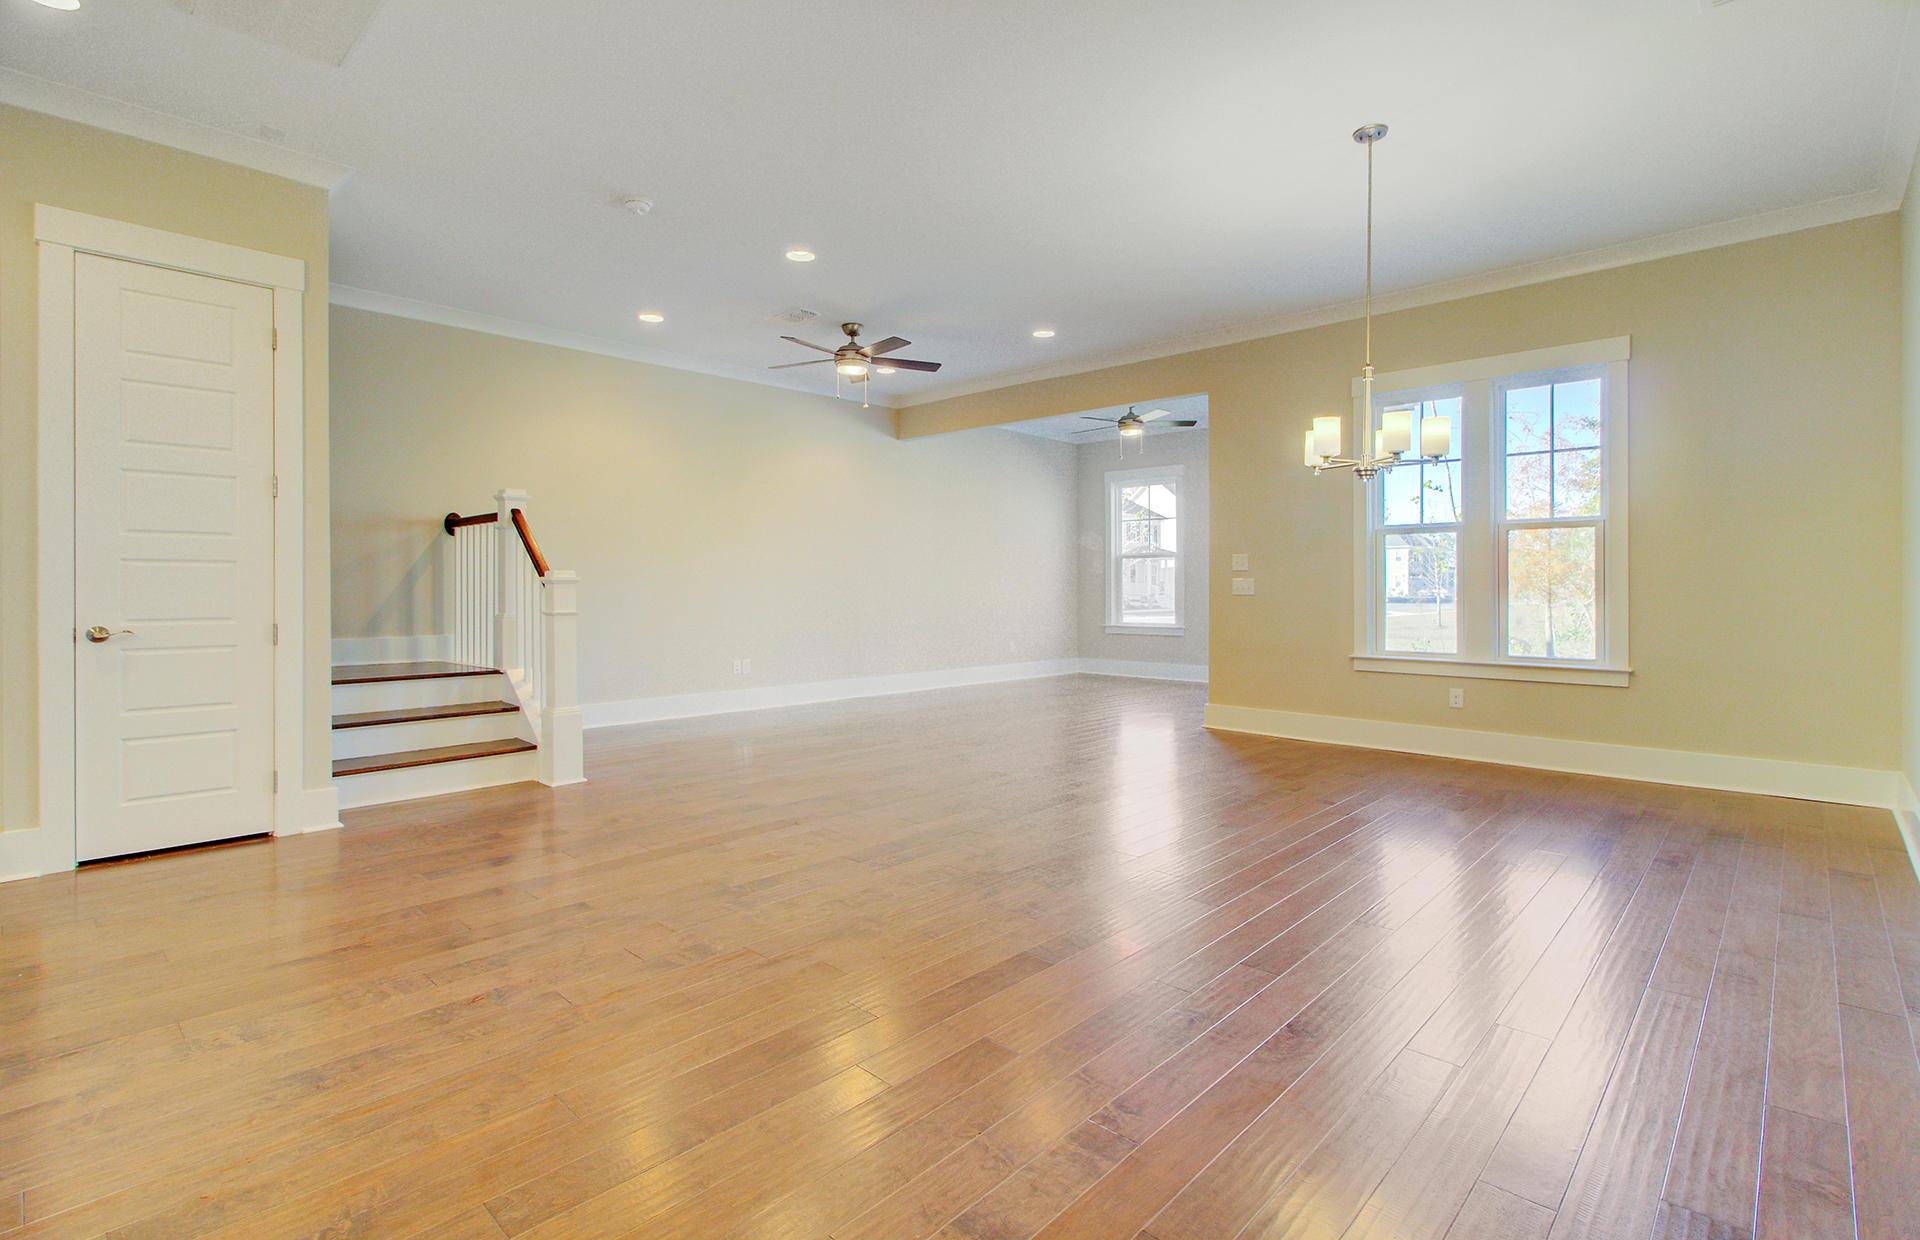 Dunes West Homes For Sale - 2420 Brackish, Mount Pleasant, SC - 17